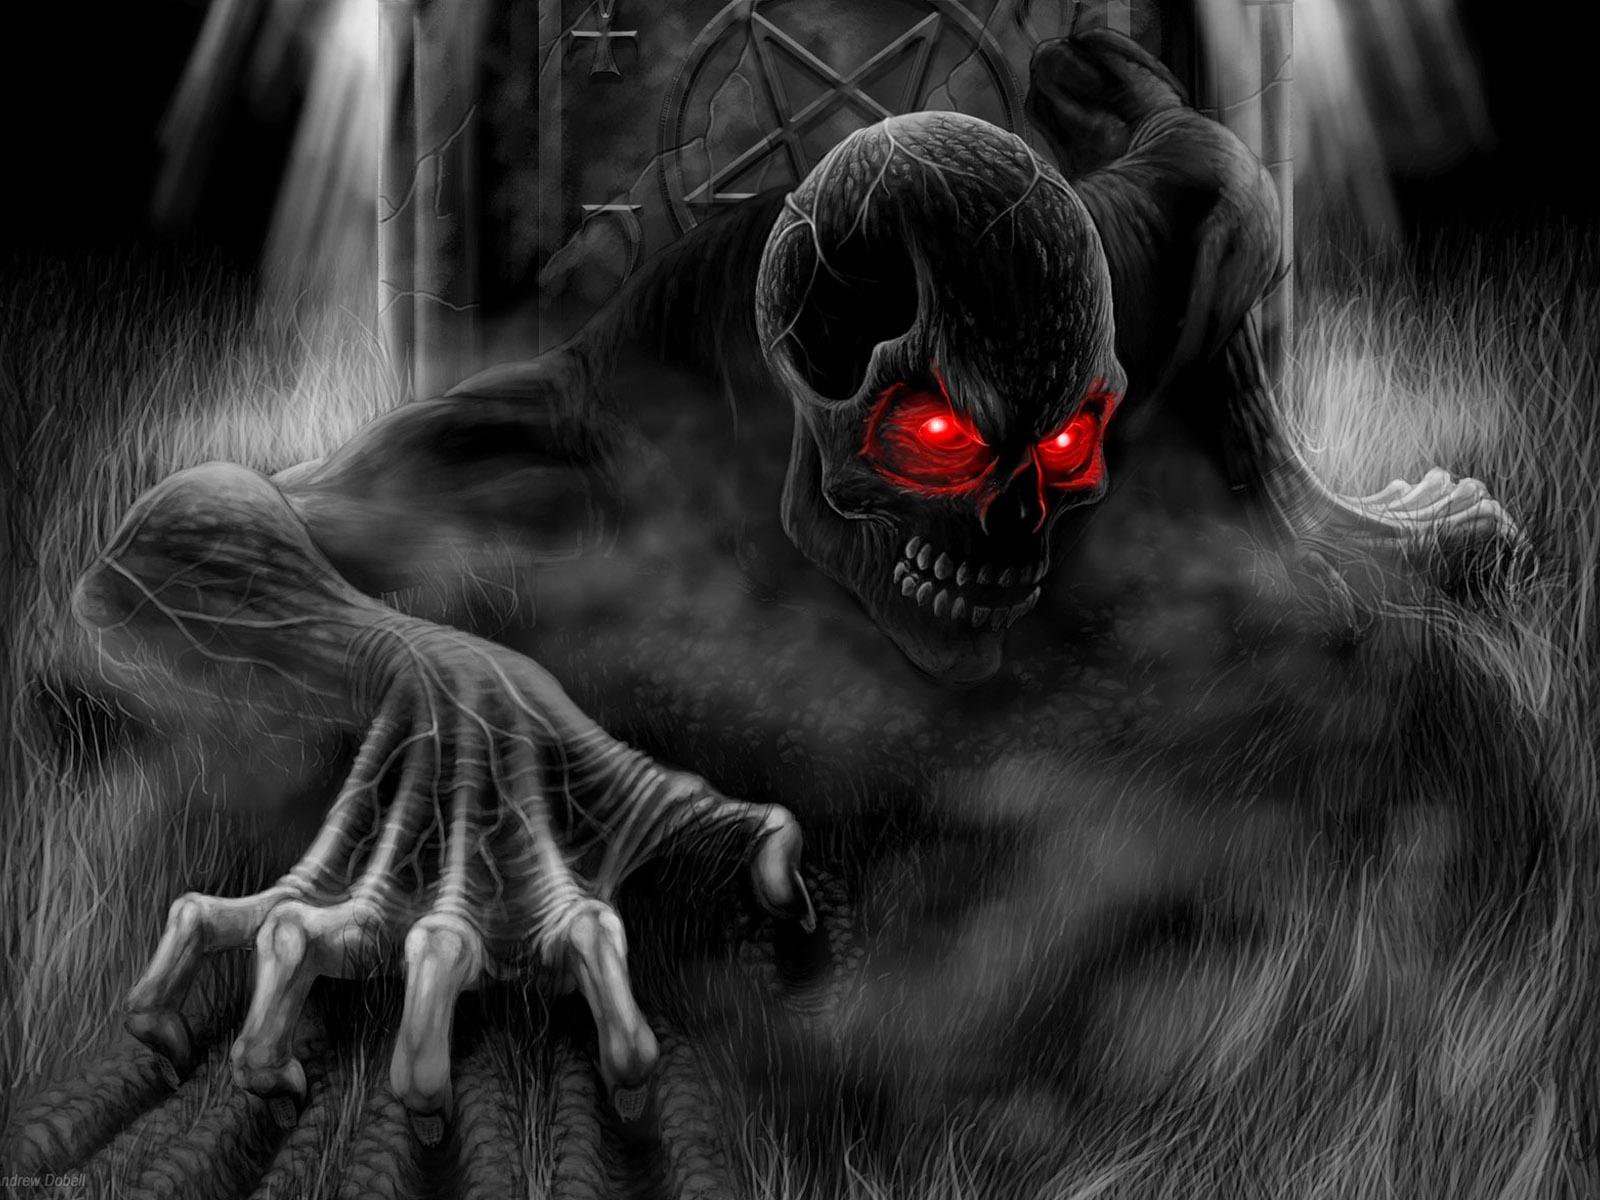 http://3.bp.blogspot.com/-AR-JcxUZ0eY/T4hA0Pp8zII/AAAAAAAAGp8/xWm67g7JgRU/s1600/Black-Magic-Desktop-Background.jpg